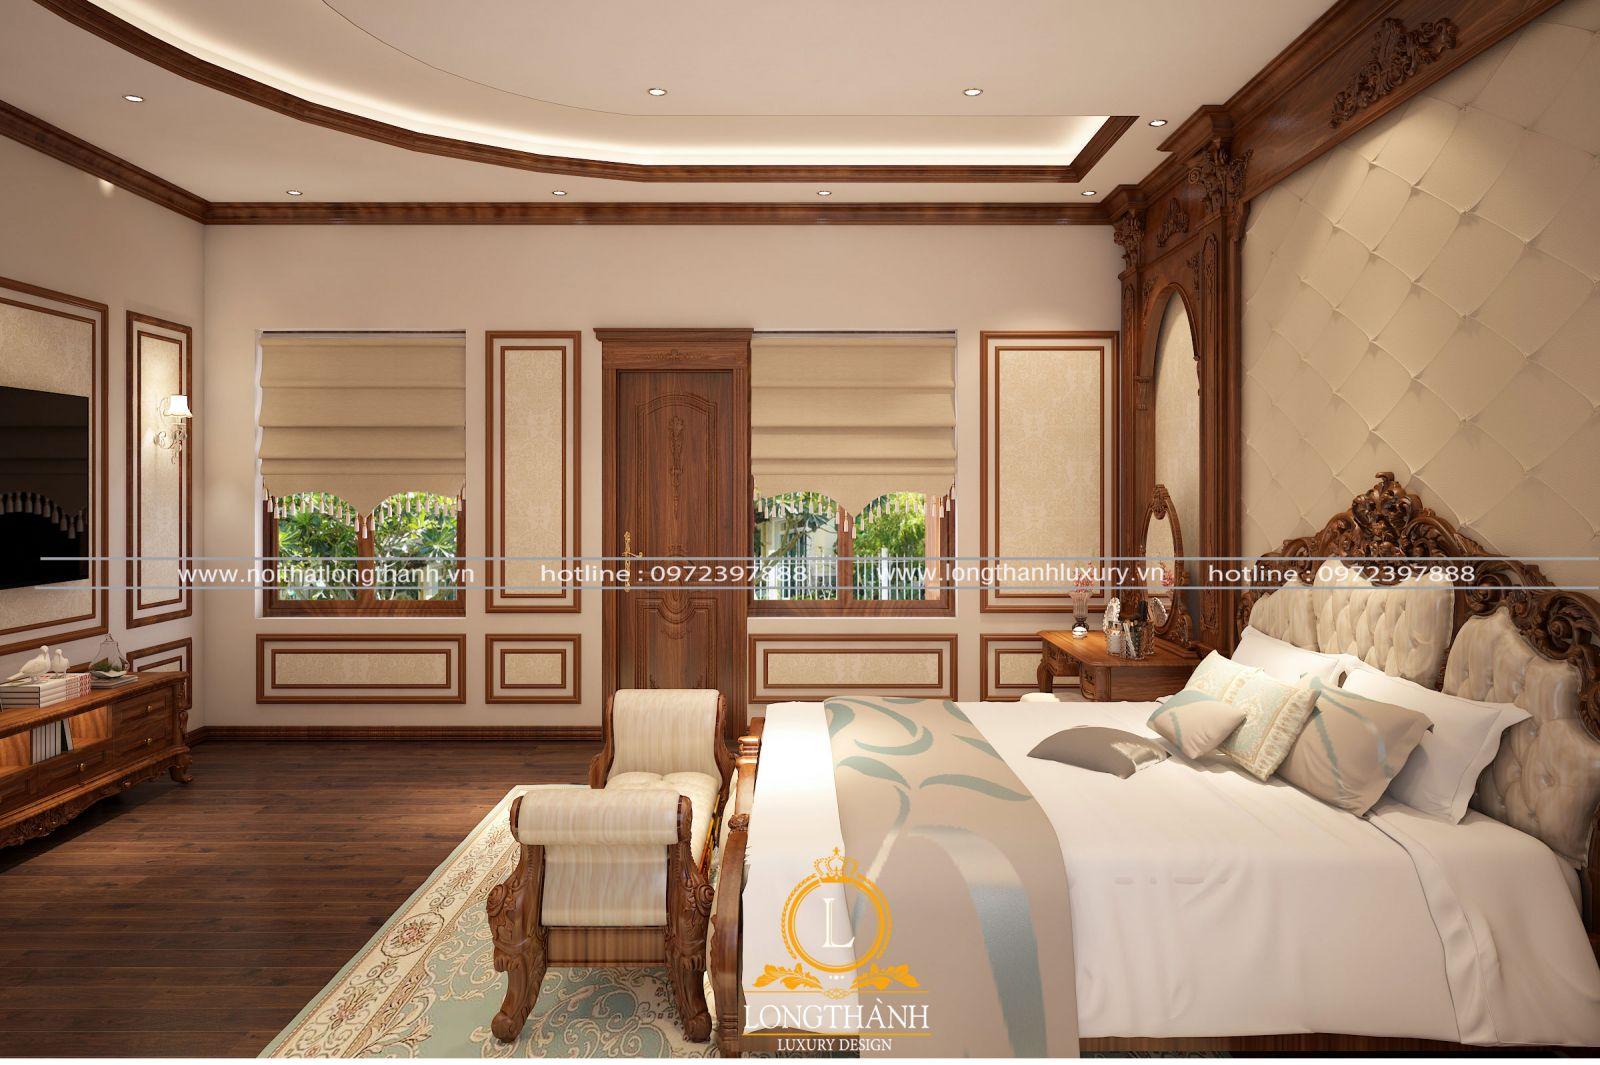 Nội thất phòng ngủ cho không gian biệt thự